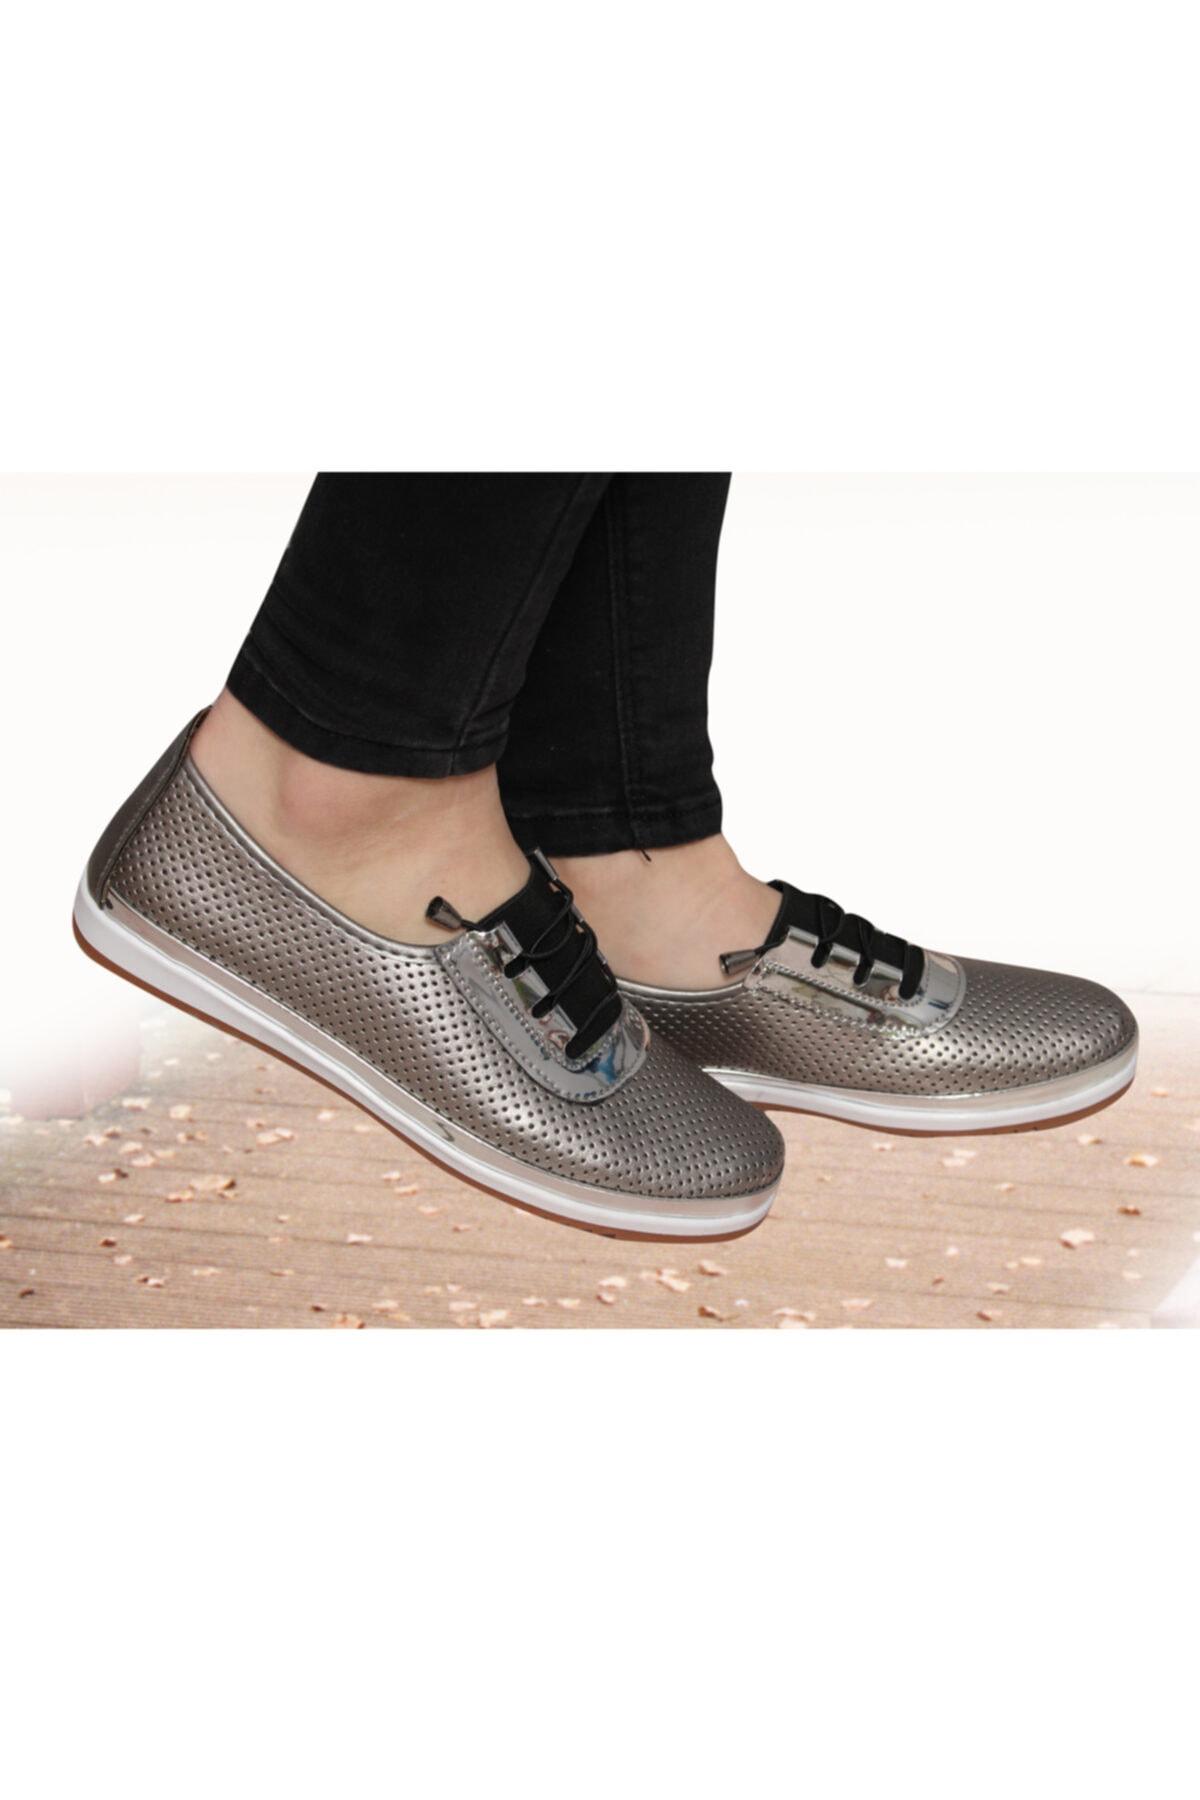 Witty Kadın Günlük Gri Ortopedik Babet Ayakkabı 1